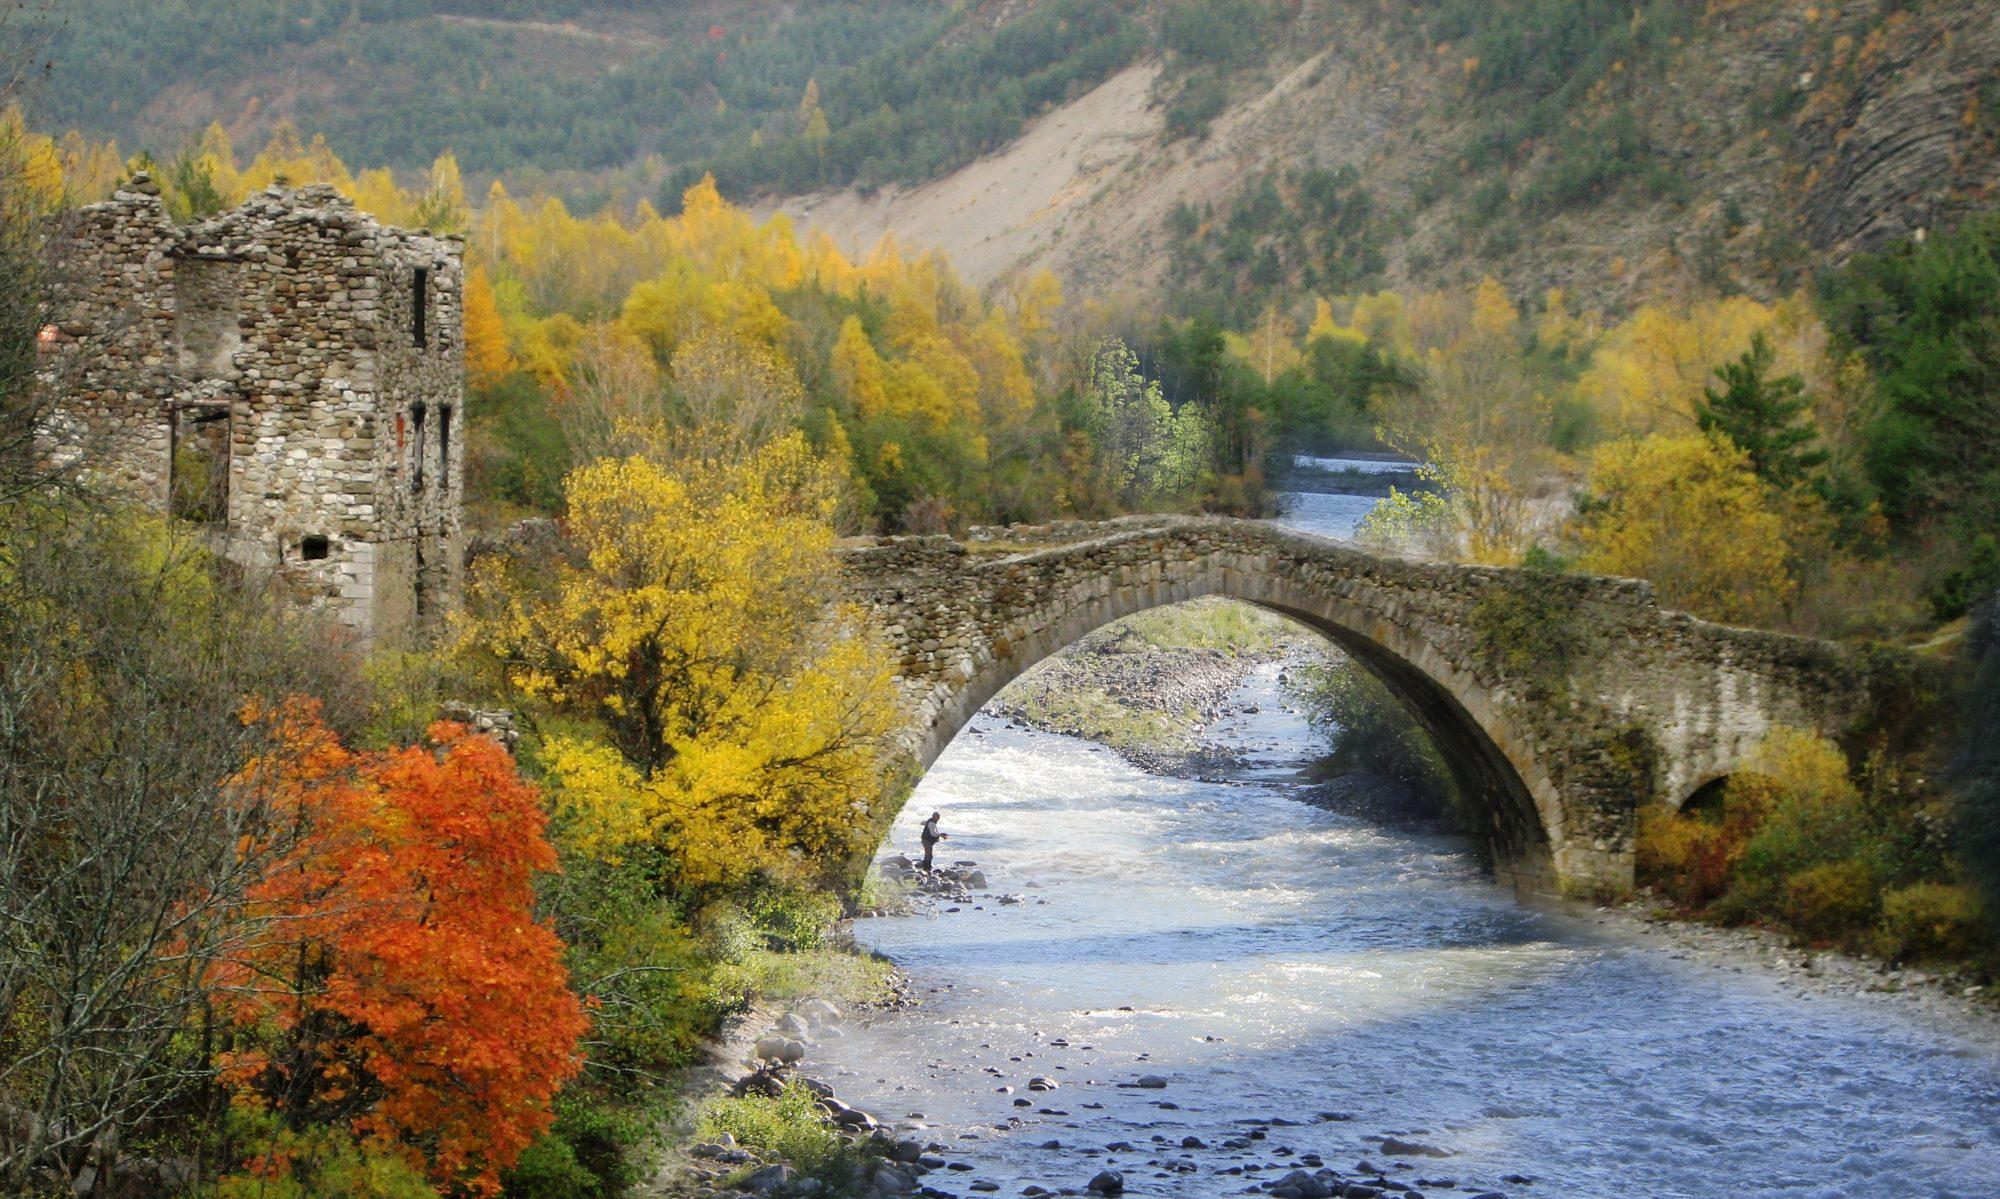 Thorame-Haute Pont du moulin